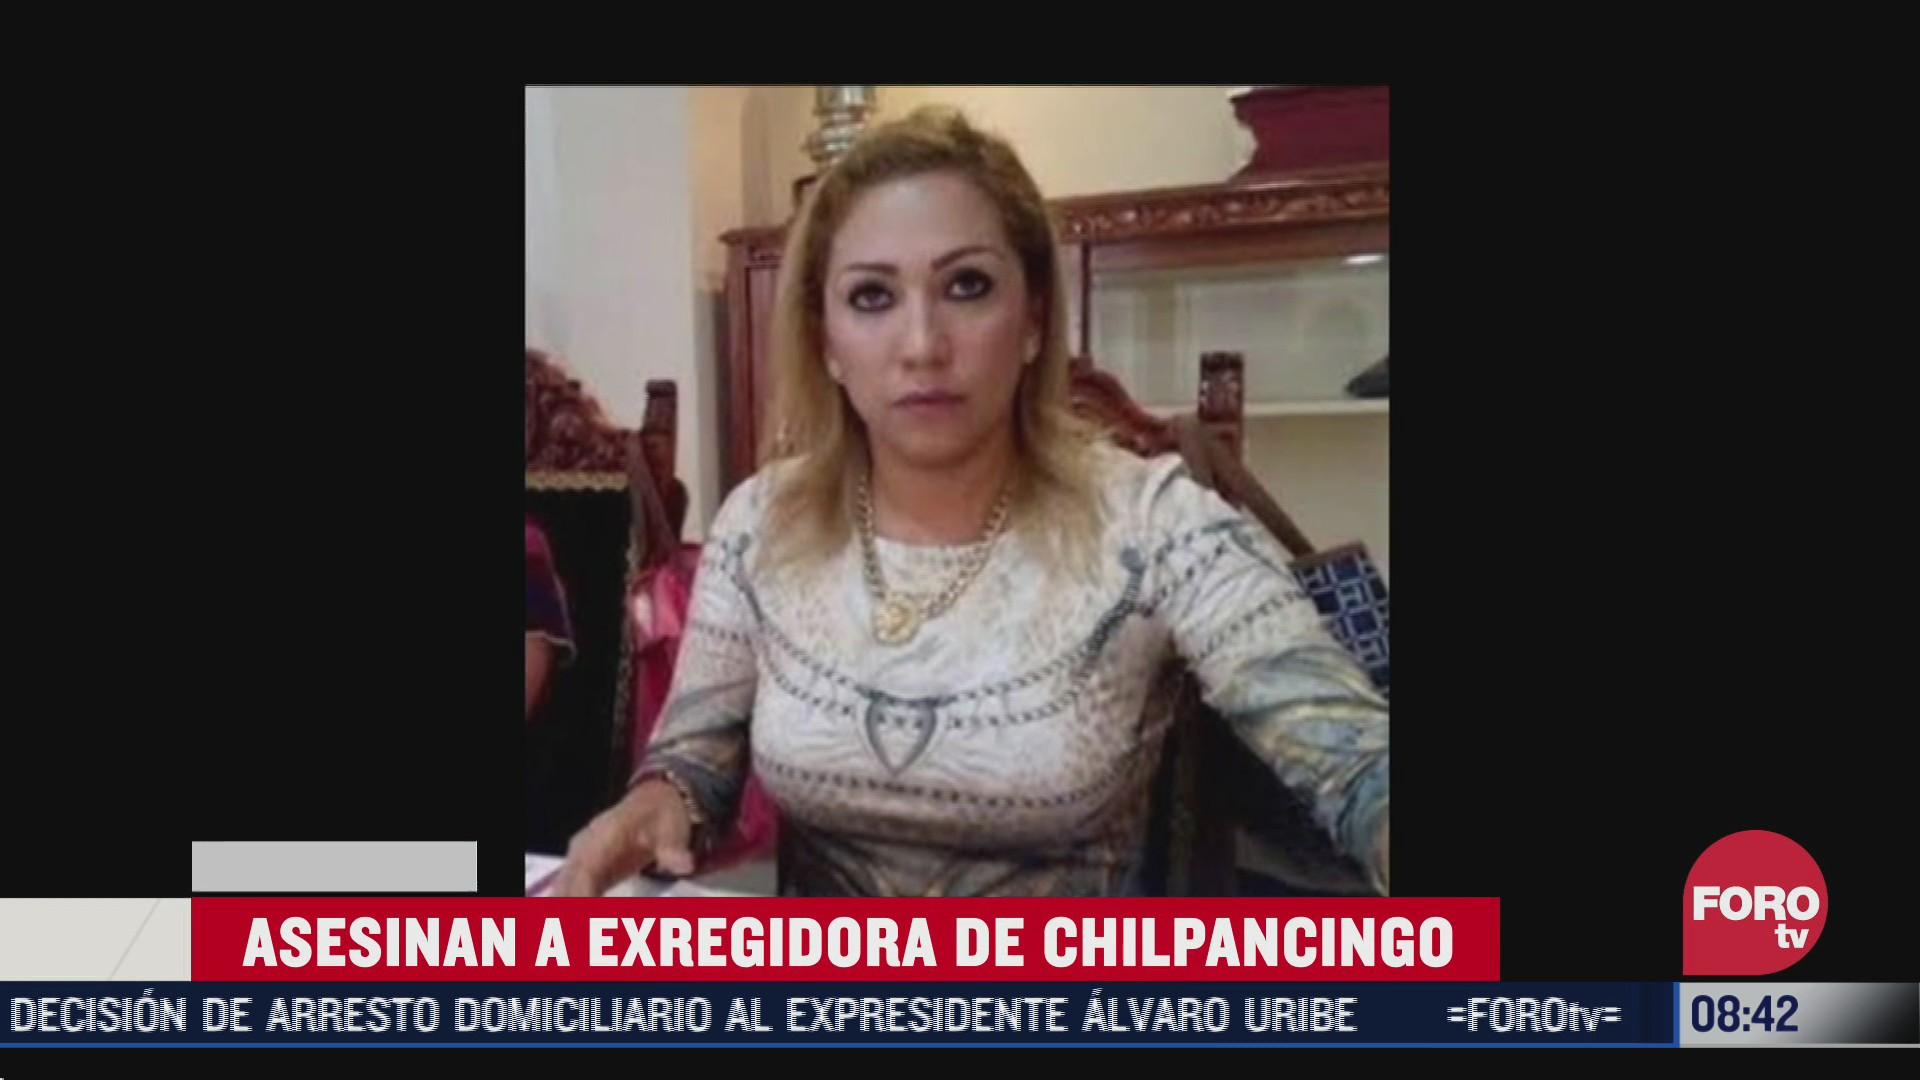 FOTO: 8 de agosto 2020, asesinan a exregidora de chilpancingo guerrero